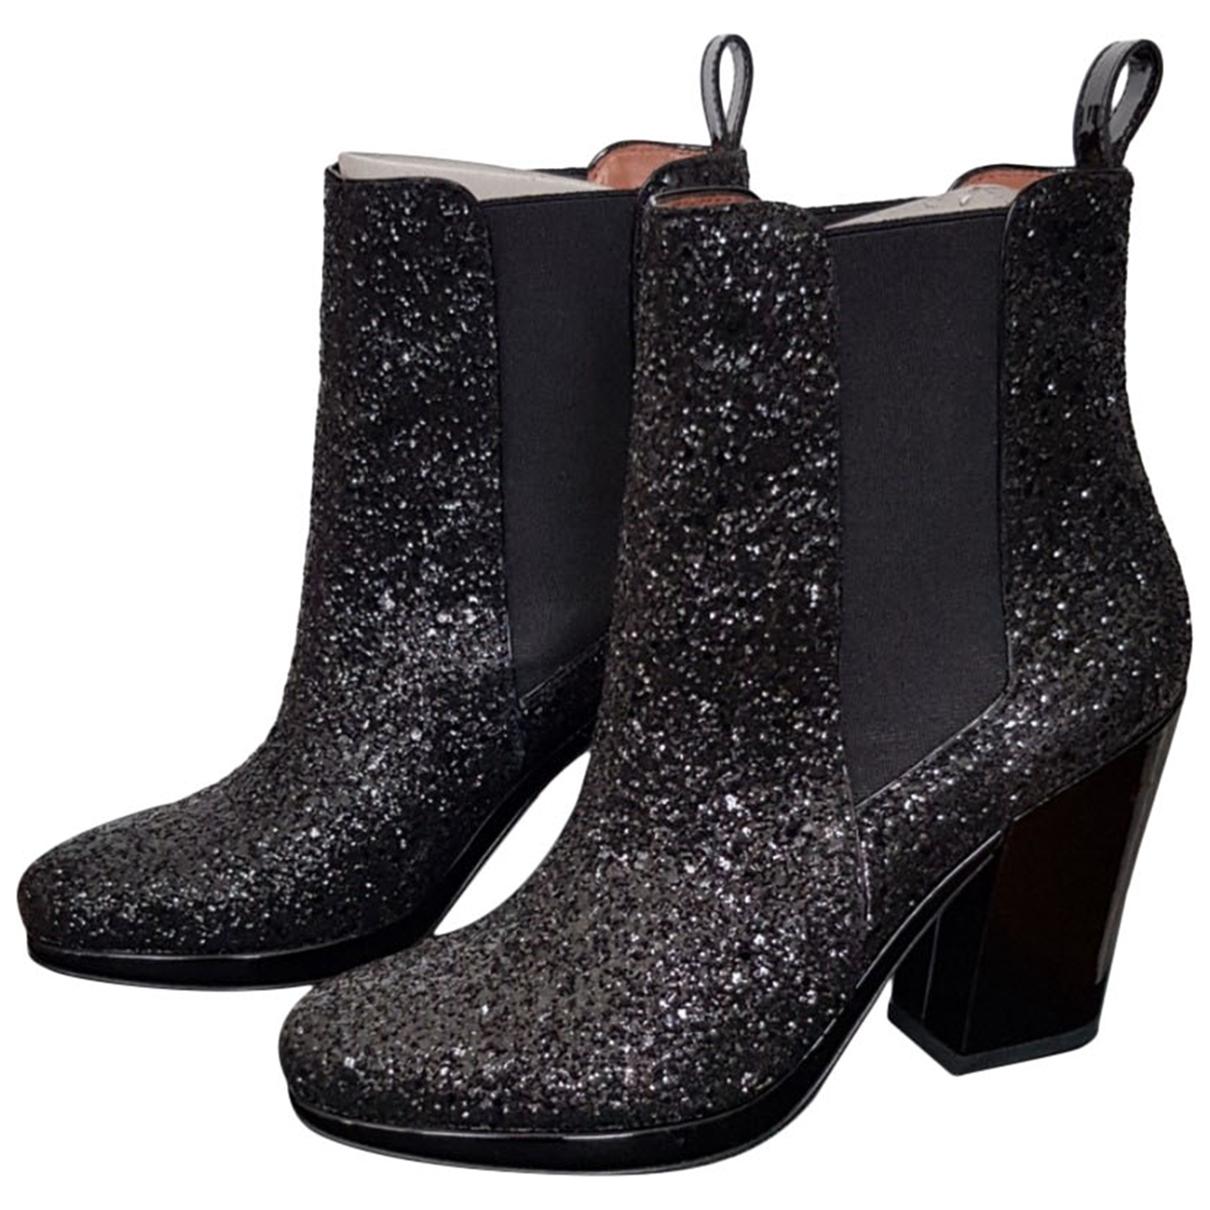 Robert Clergerie - Boots   pour femme en a paillettes - noir